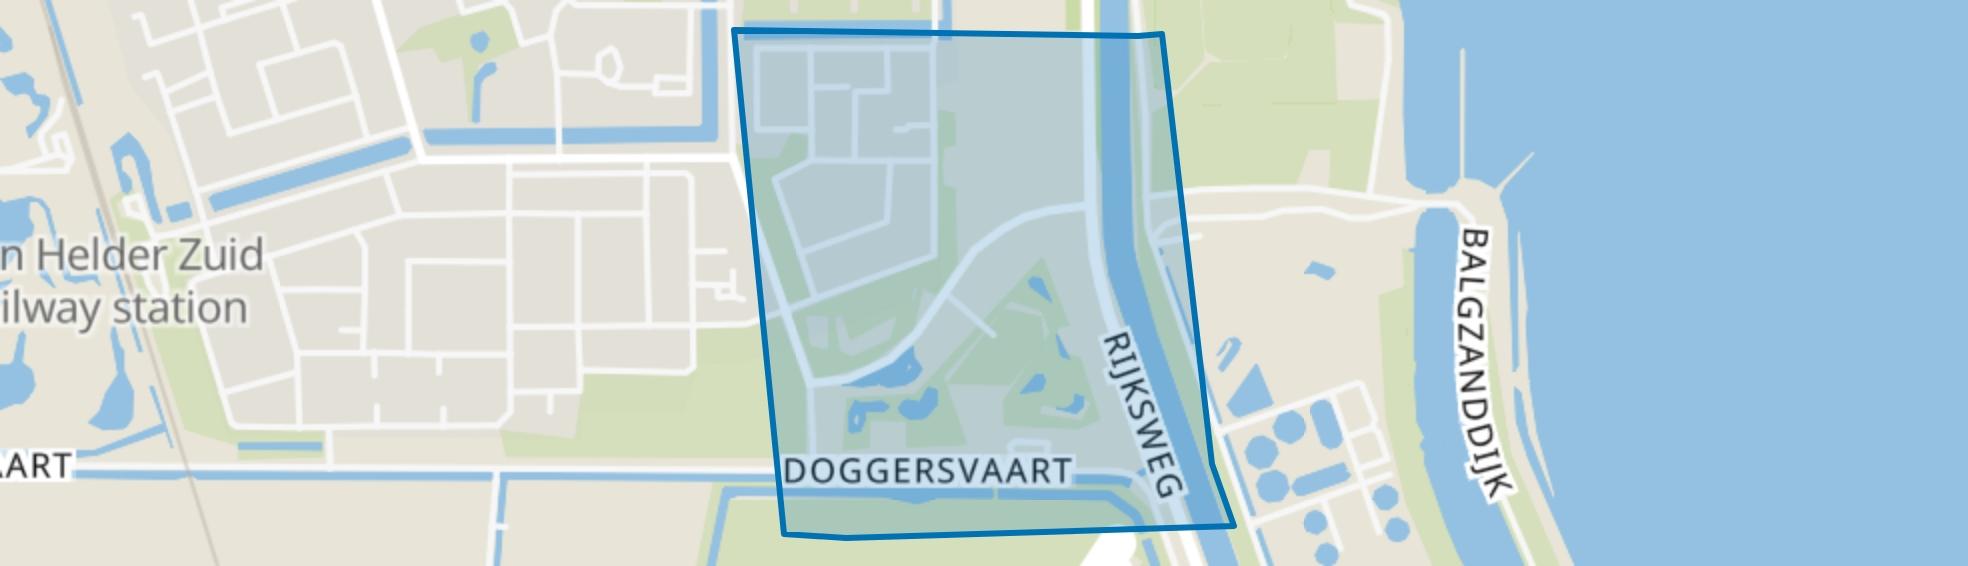 Guldemond, Den Helder map